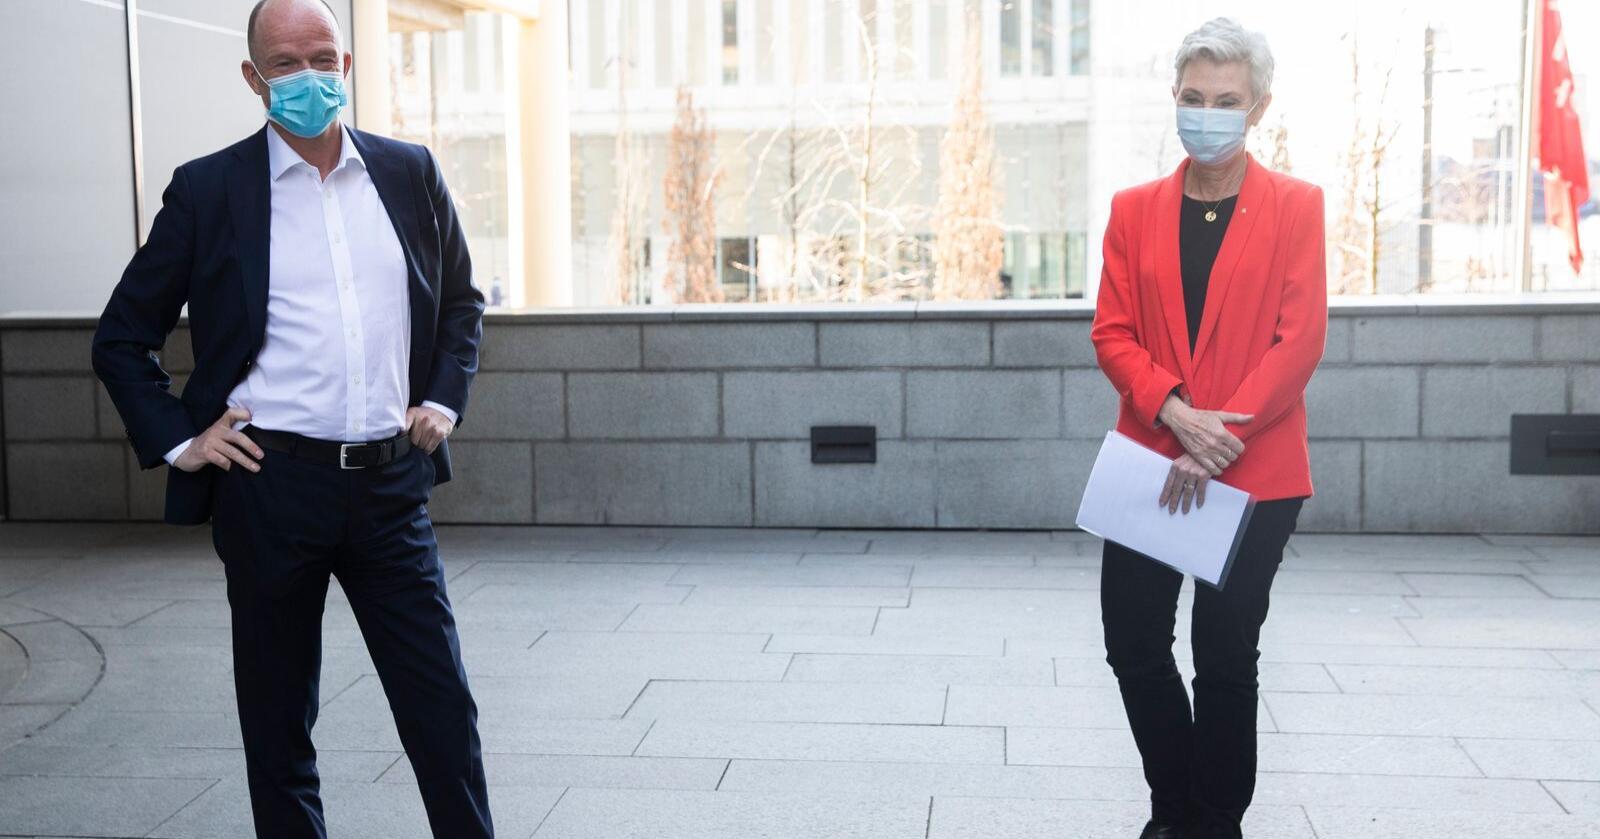 Avstand: Det er litt avstand mellom partene i lønnsoppgjøret, LO-leder Peggy Hessen Følsvik og NHOs administrerende direktør Ole Erik Almlid. Foto: Berit Roald / NTB